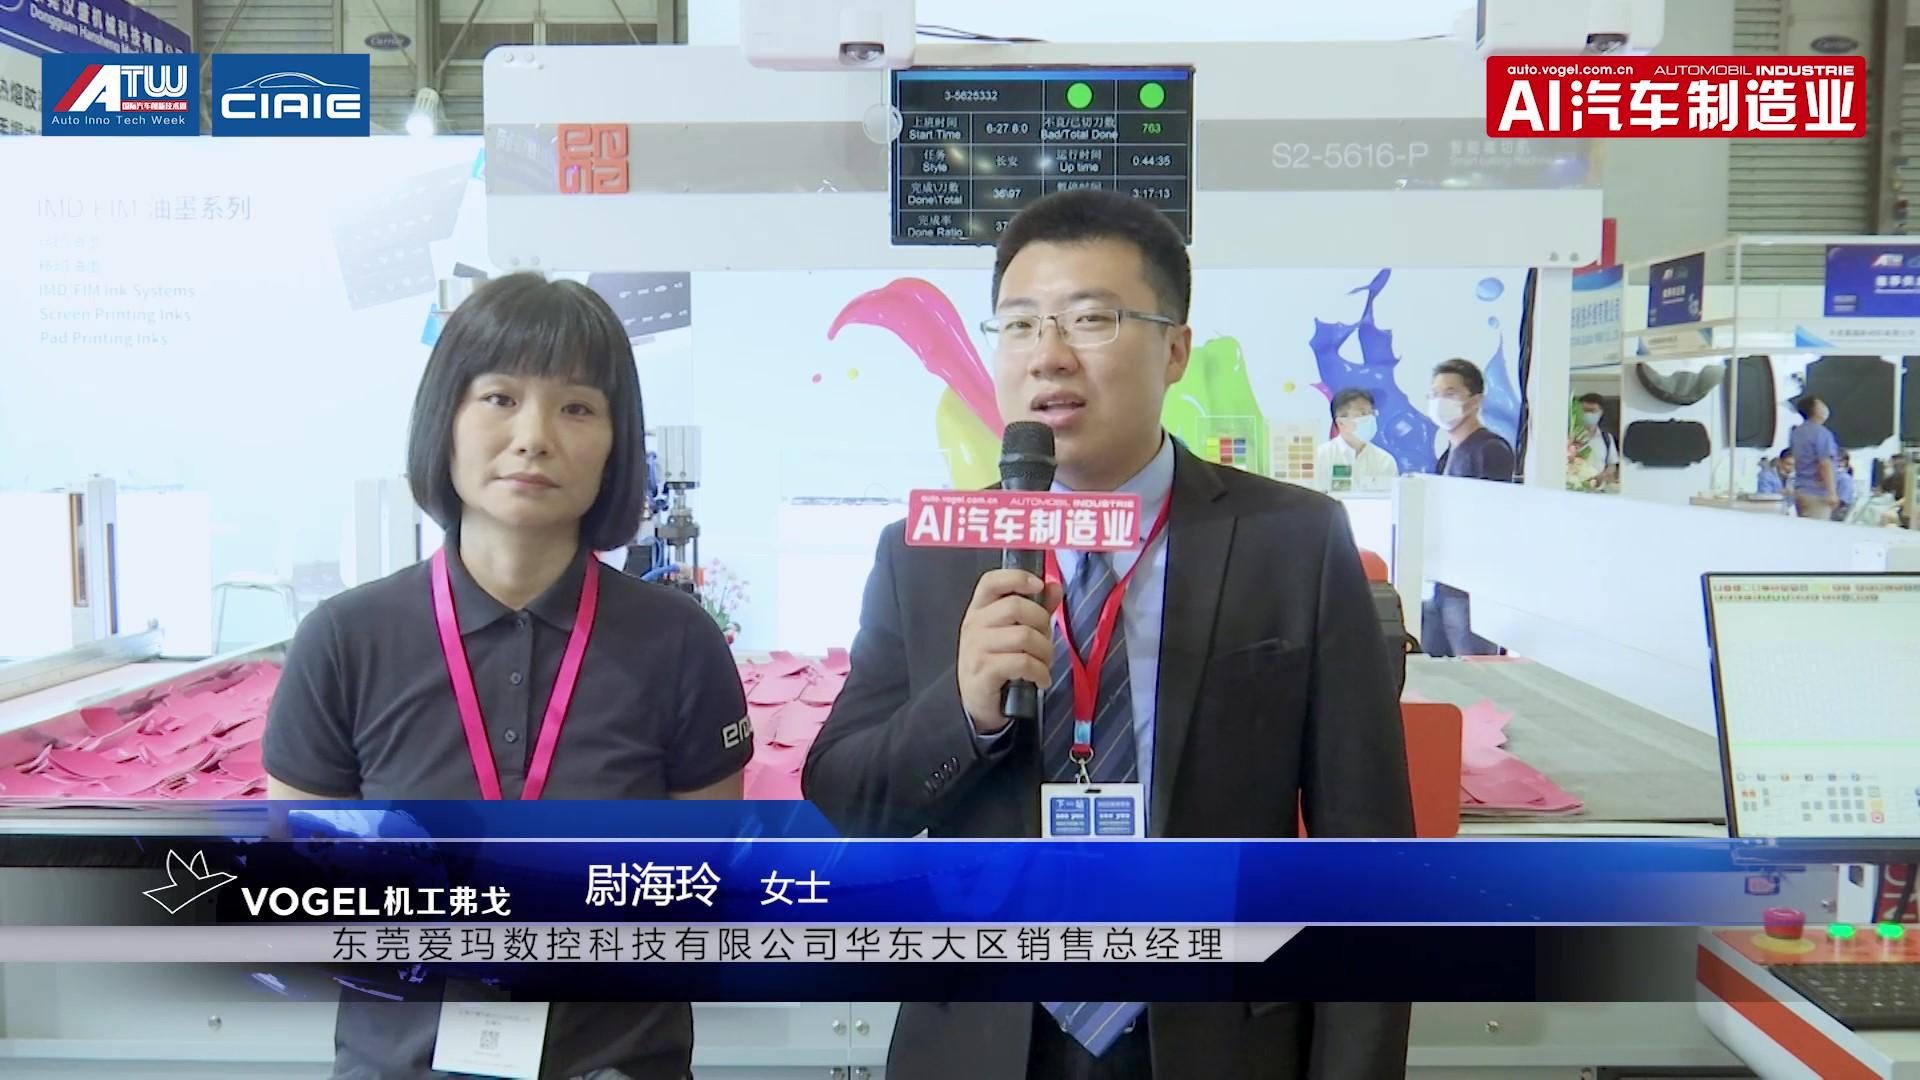 【弗戈AI直播】东莞爱玛数控科技有限公司华东大区销售总经理尉海玲